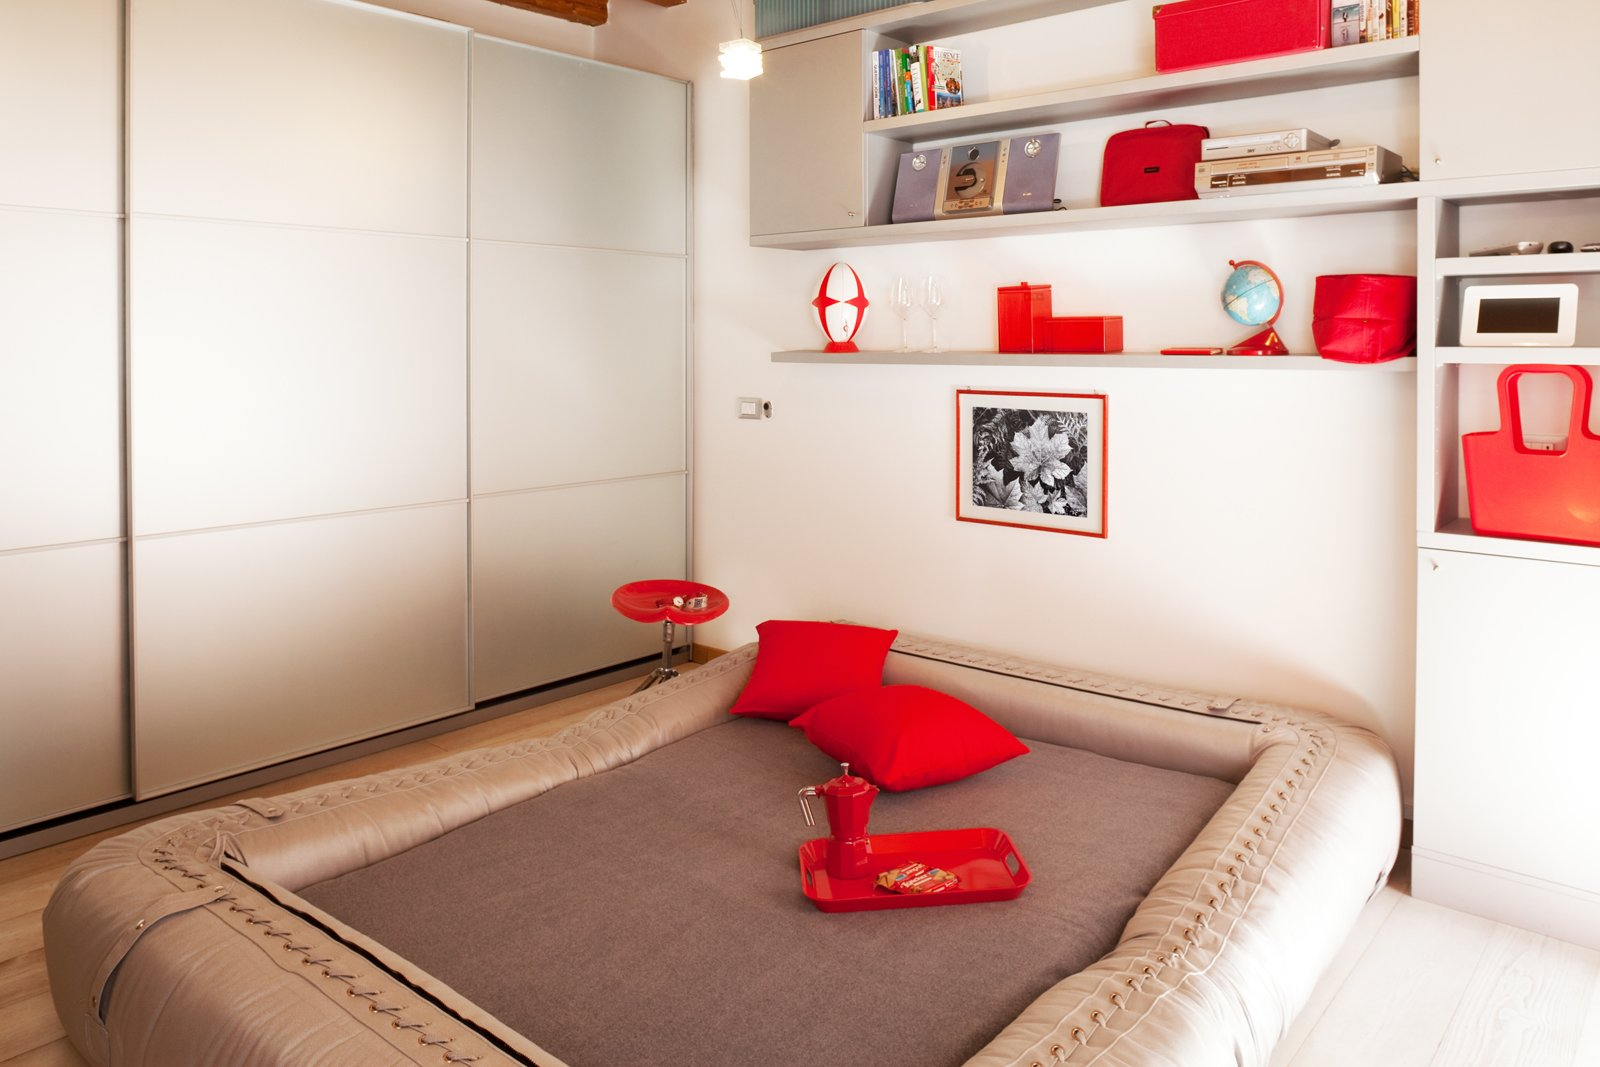 Monolocale di 25 mq con soluzioni salvaspazio cose di casa for Soluzioni di arredo per soggiorni